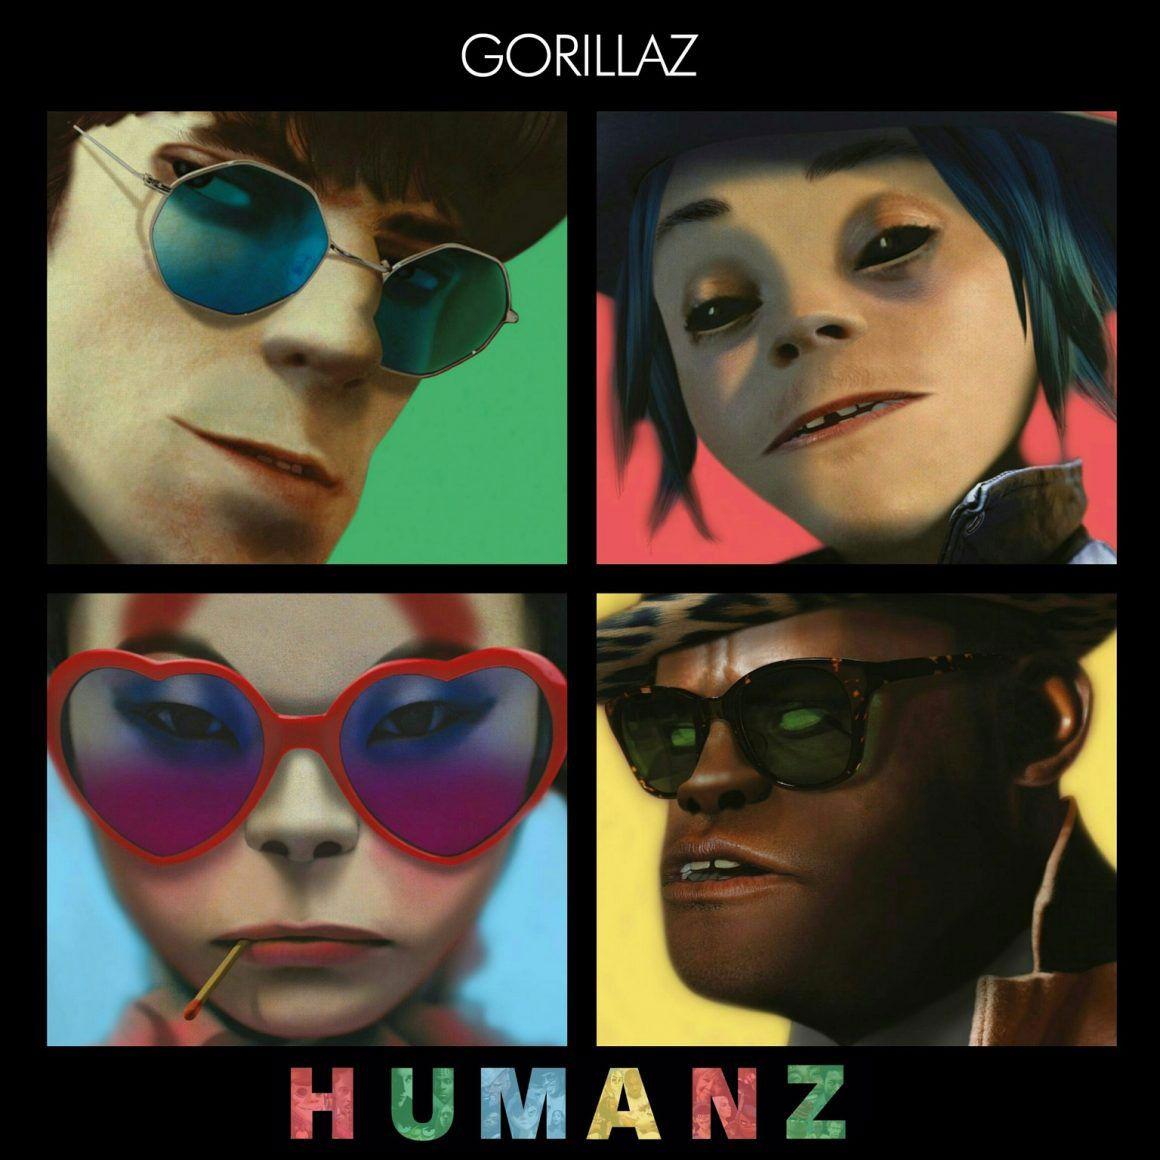 28-gorillaz-humanz.nocrop.w710.h2147483647.2x.jpg